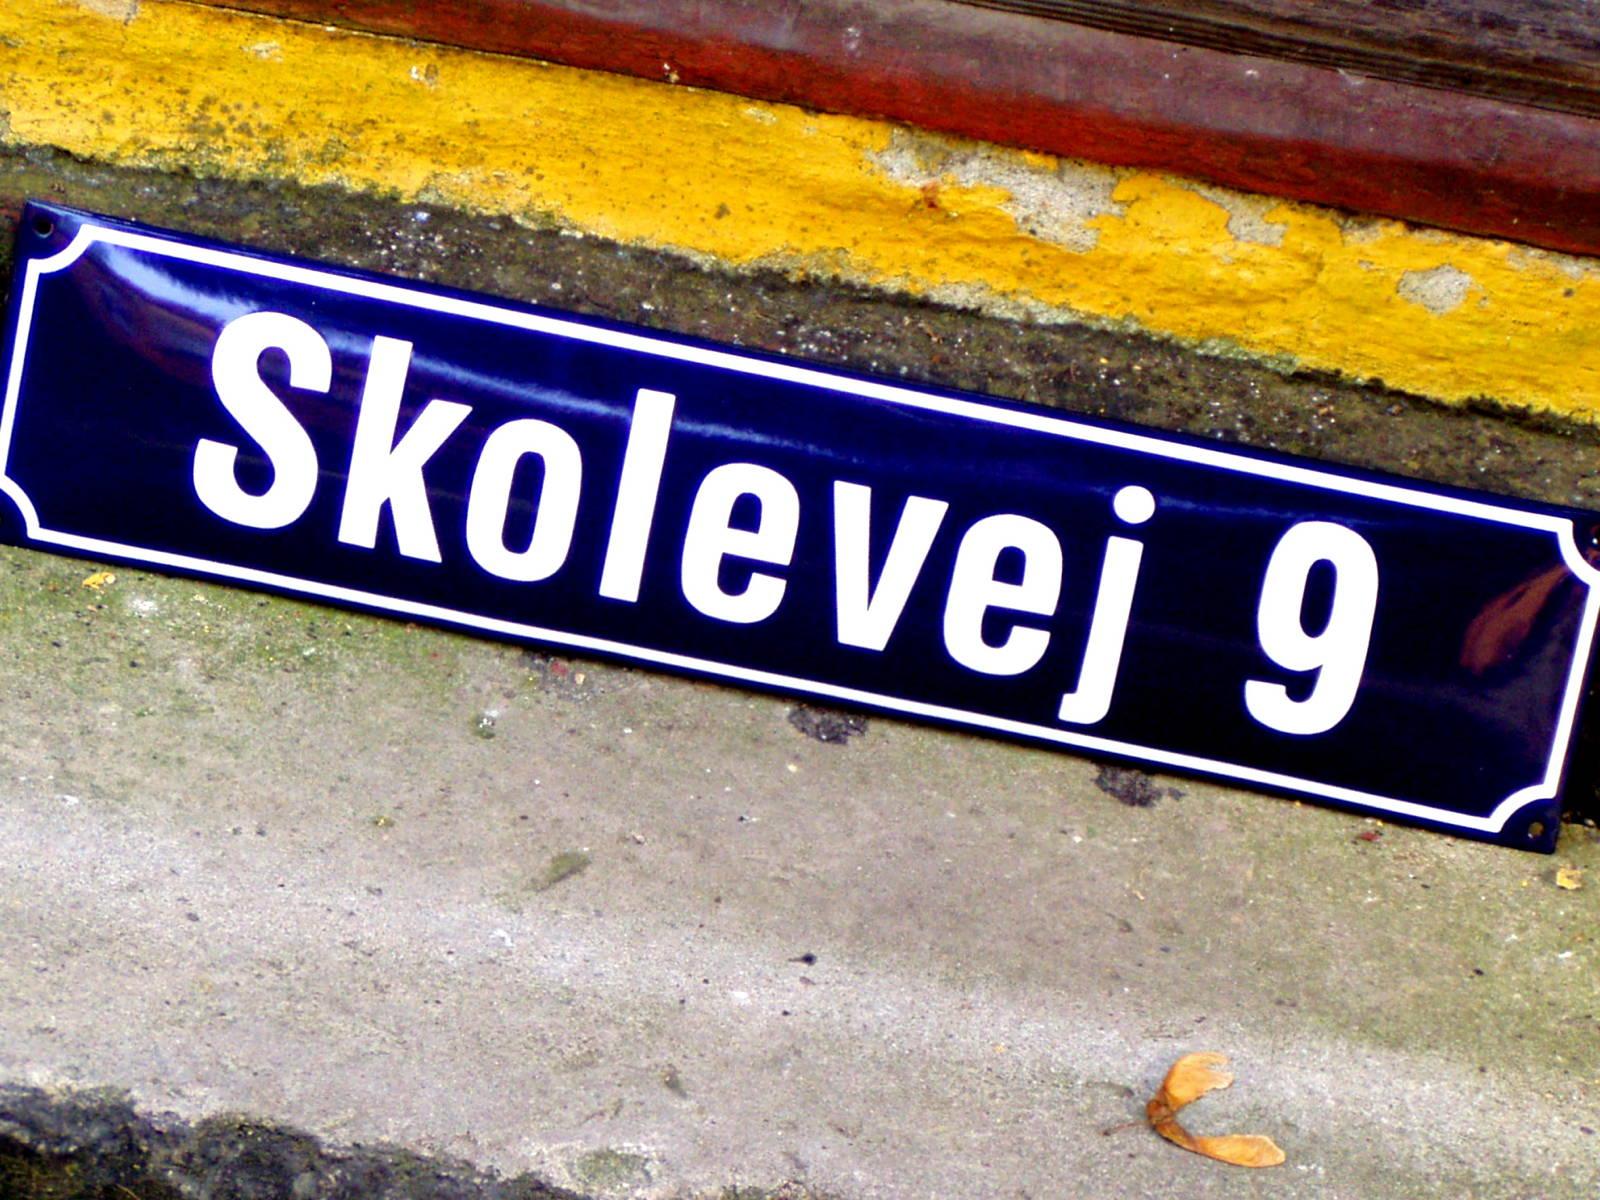 Skolevej-obl-P9190166-web1600